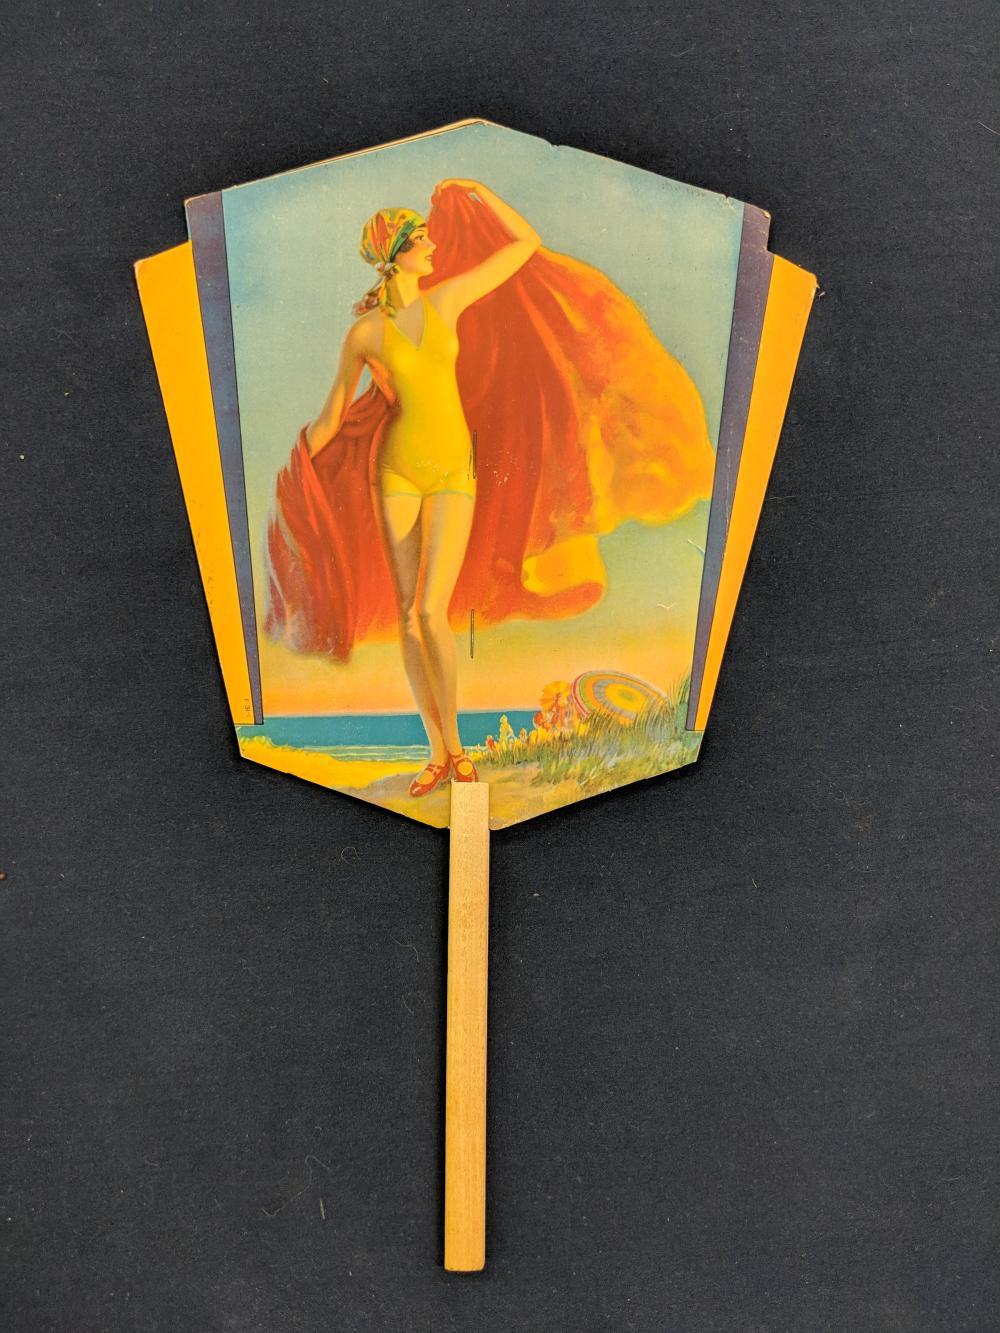 Art Deco Style 7Up Advertisement Fan